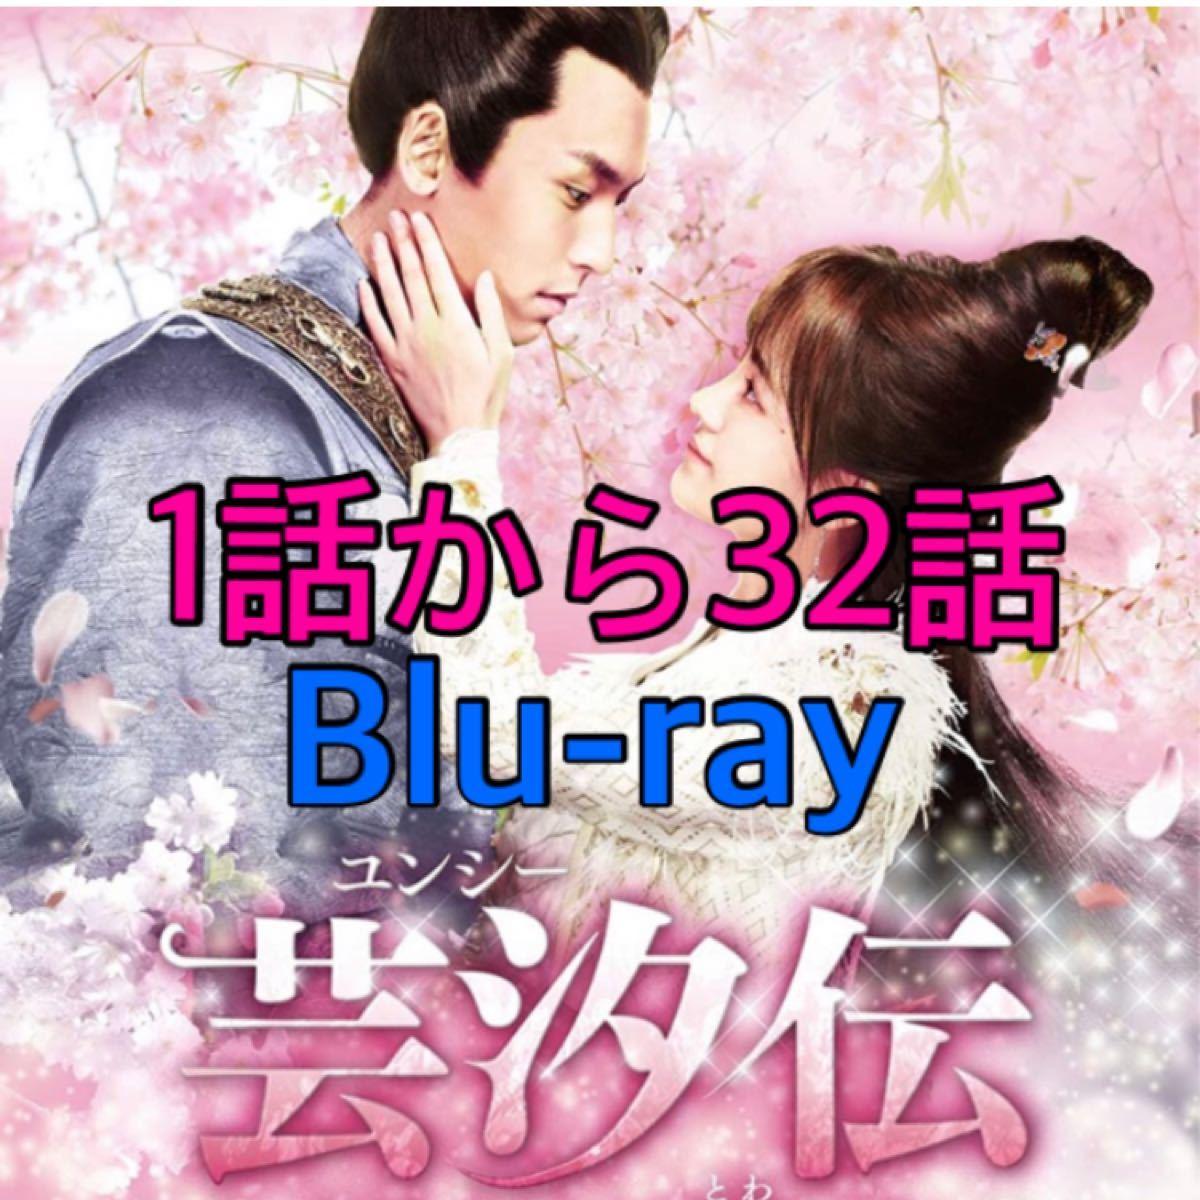 中国ドラマ 芸汐伝 乱世をかける永遠の愛 1話から32話 Blu-ray